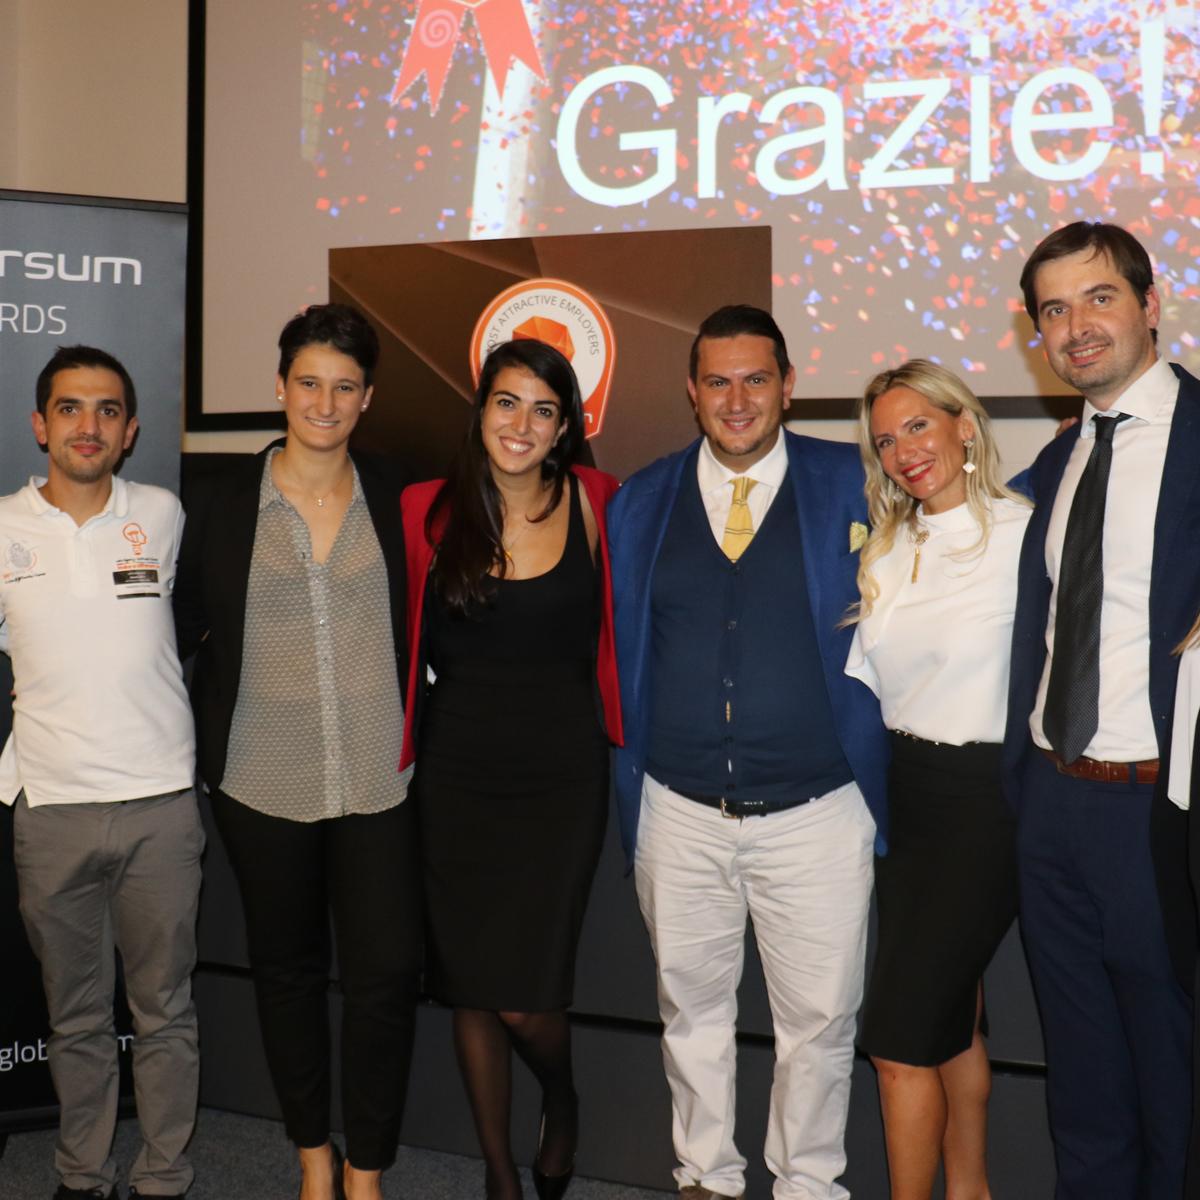 Sebastiano Scarlata, Vittorio Fidotta e Paolo Beretta – Co Founder di INTERACTION FARM® - insieme al team Universum per l'Italia